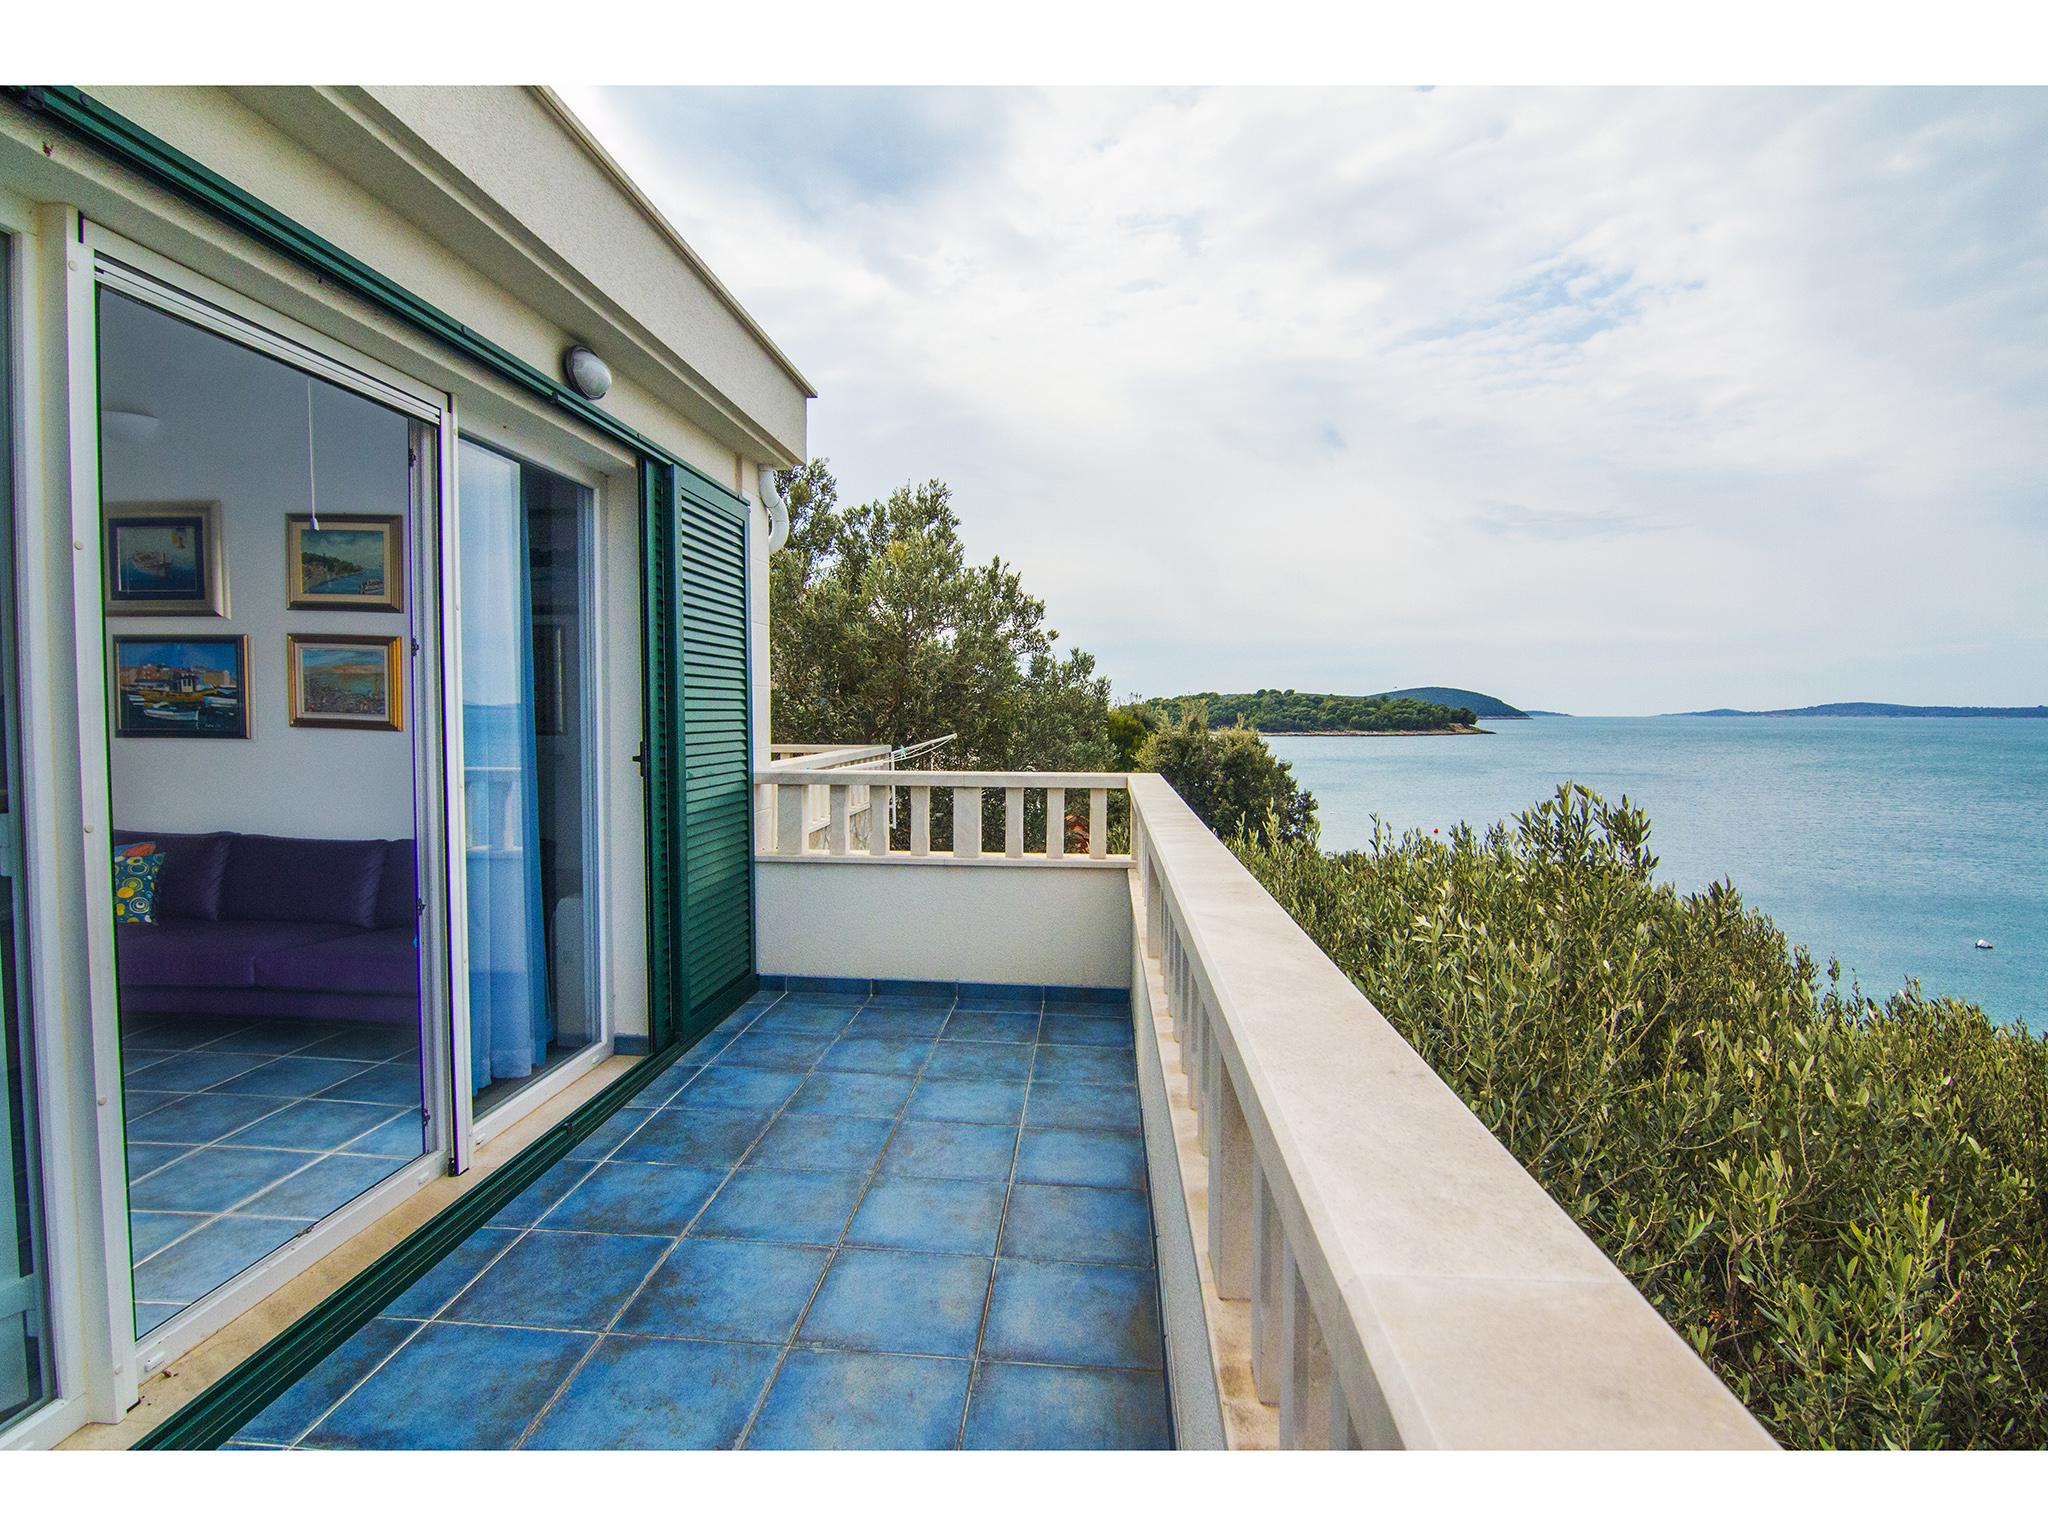 7 Bed Short Term Rental Villa Northern Dalmatia